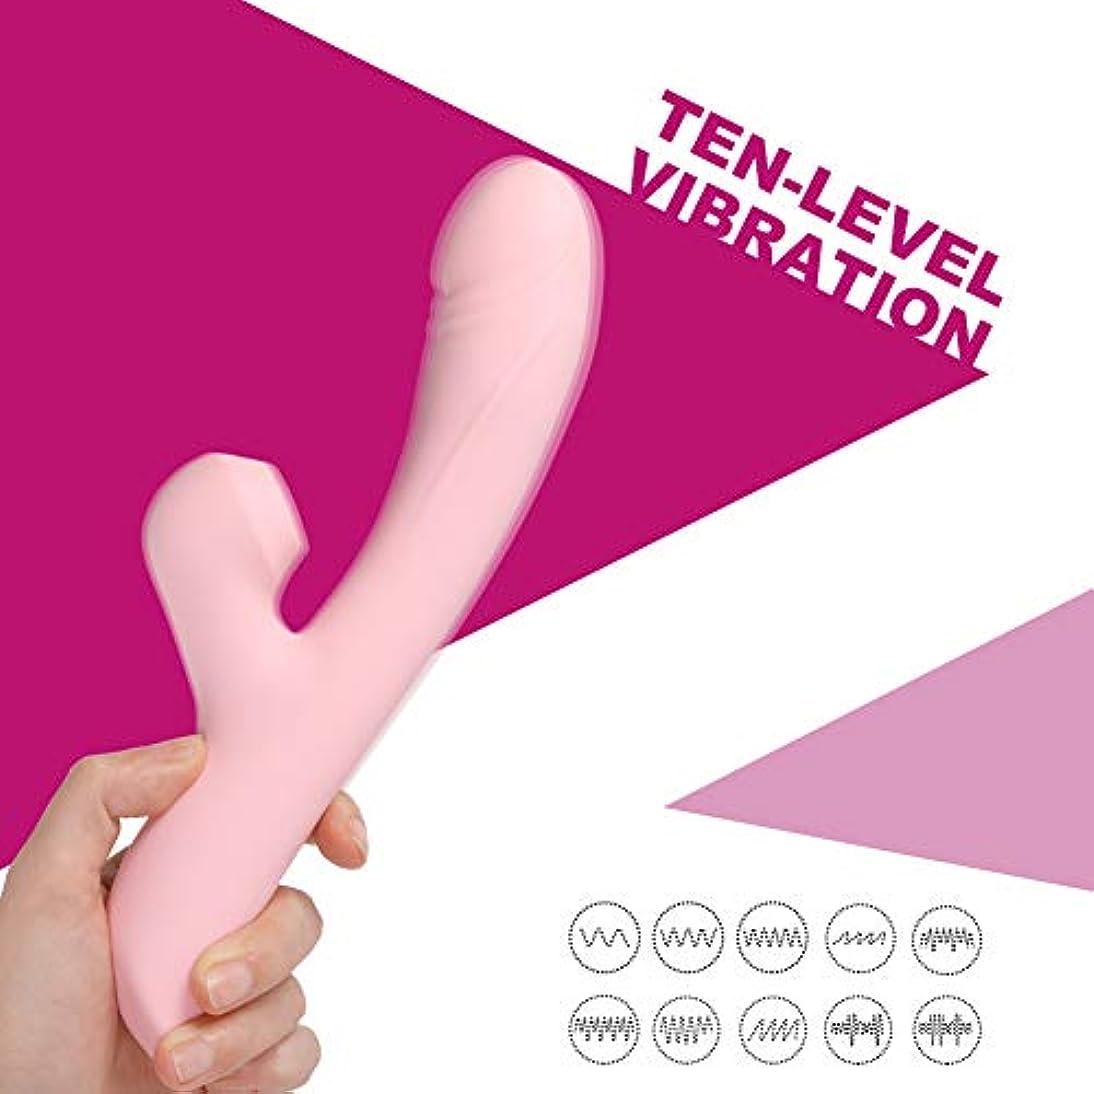 所持主婦ロック解除クラランス ボディ 人気 バイブレーター 加熱機能 潮吹き 女性 Gスポット 女性マッサージ器 アダルトグッズ (ピンク色)